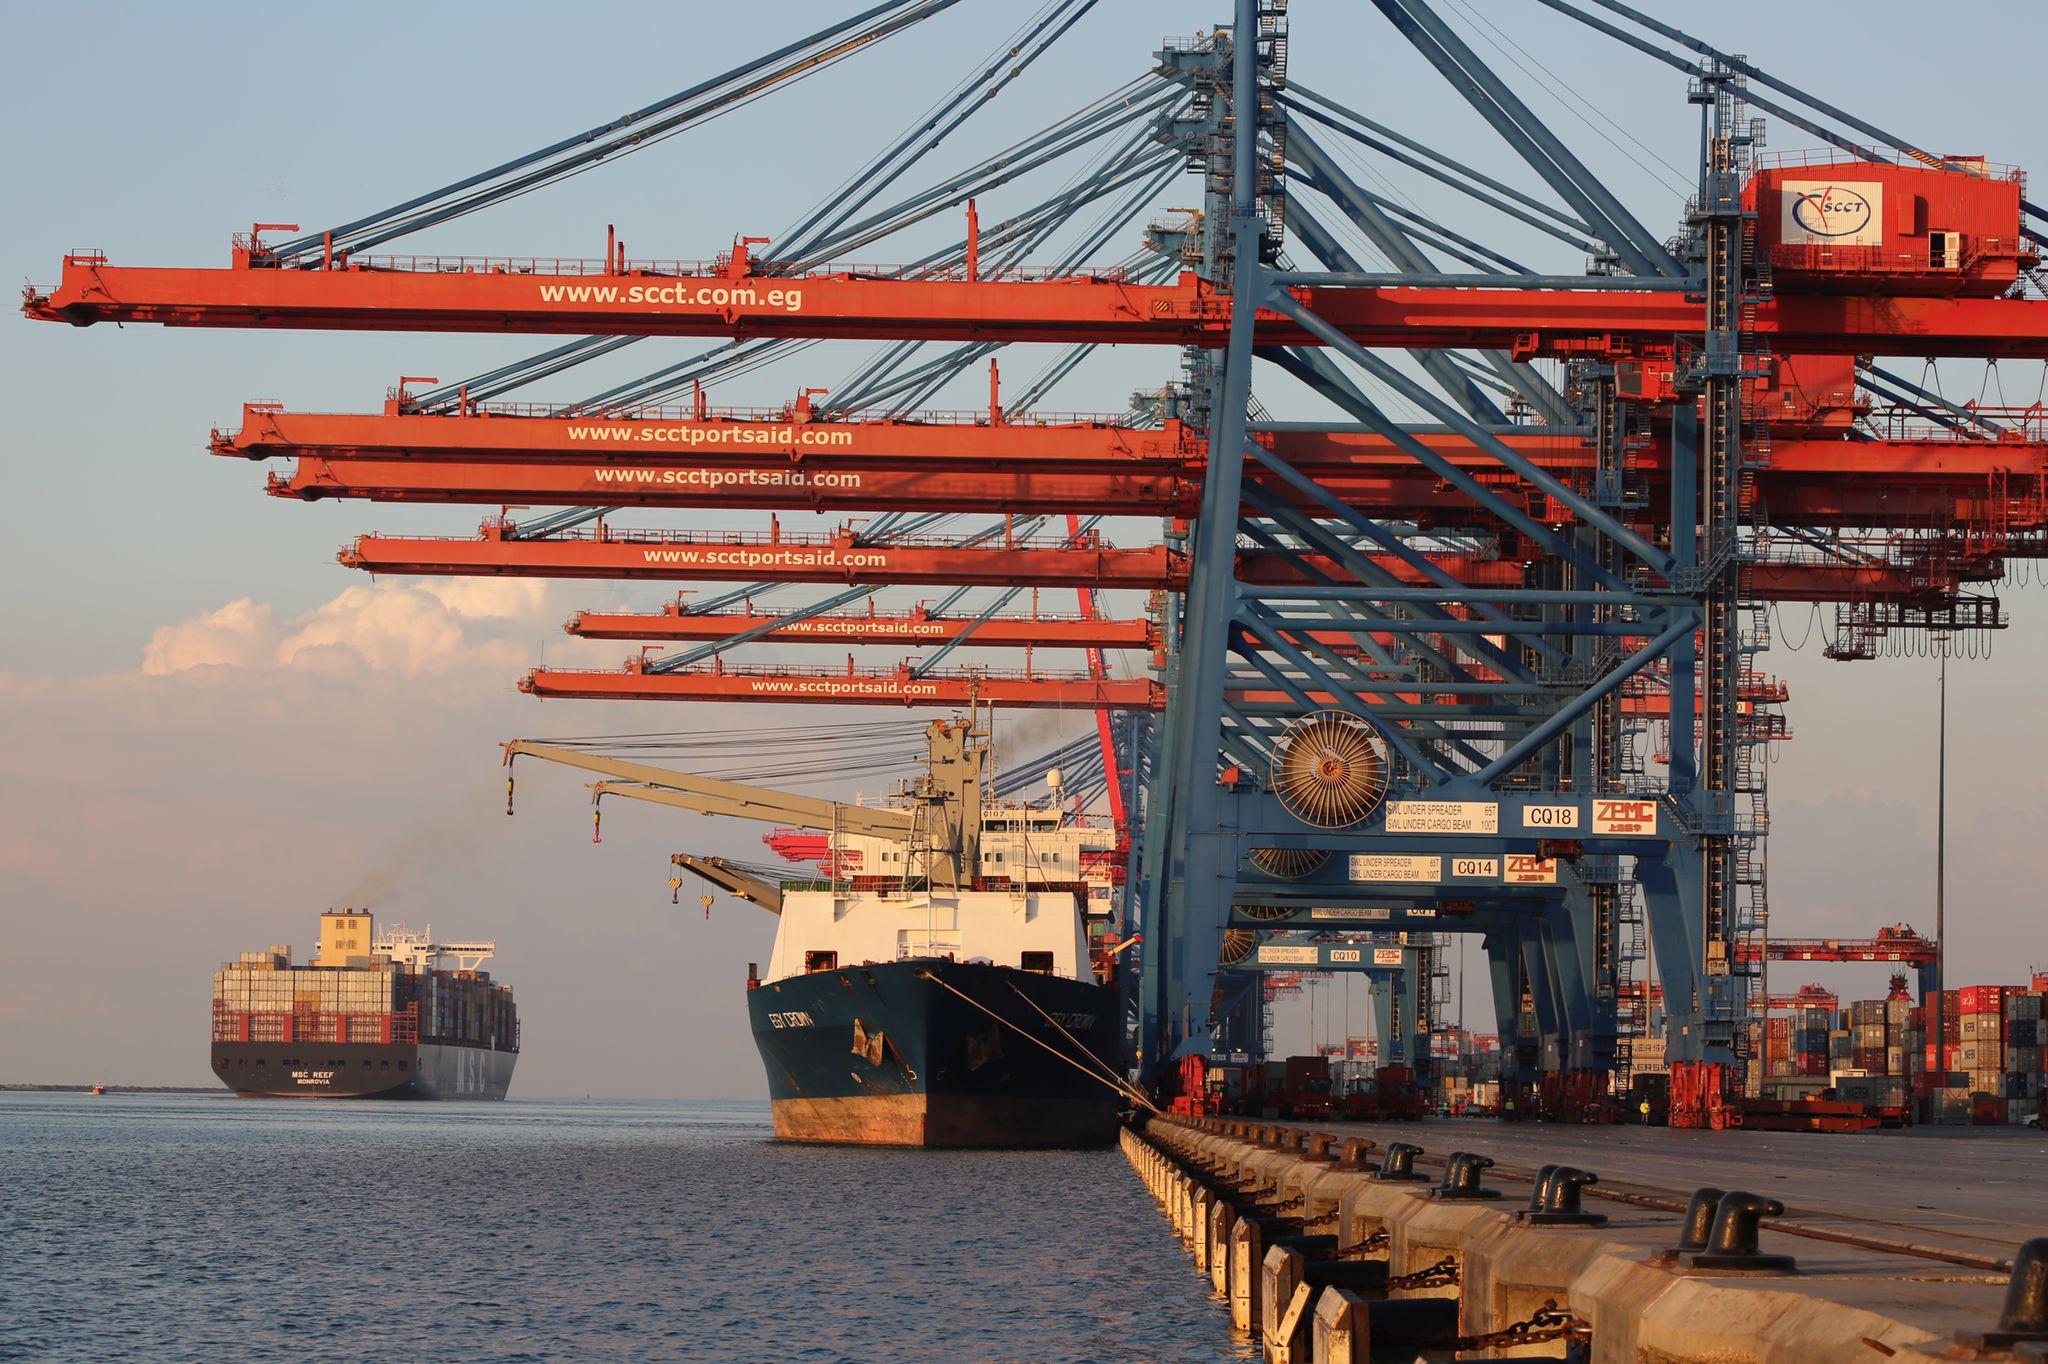 Égypte : le nouveau processus douanier numérique opérationnel